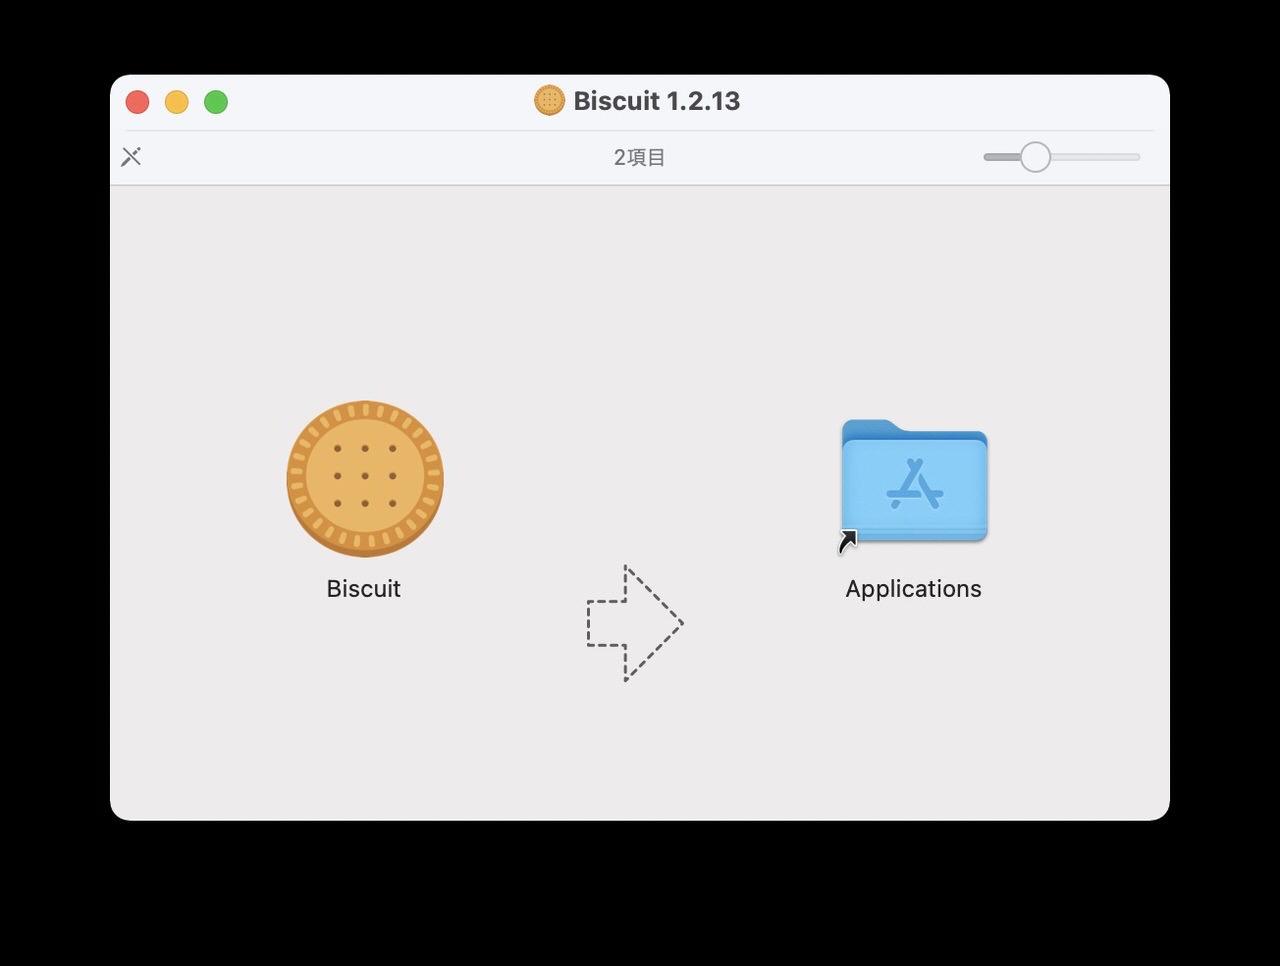 複数のウェブアプリをまとめて管理できるブラウザー「Biscuit(ビスケット)」 202012 5